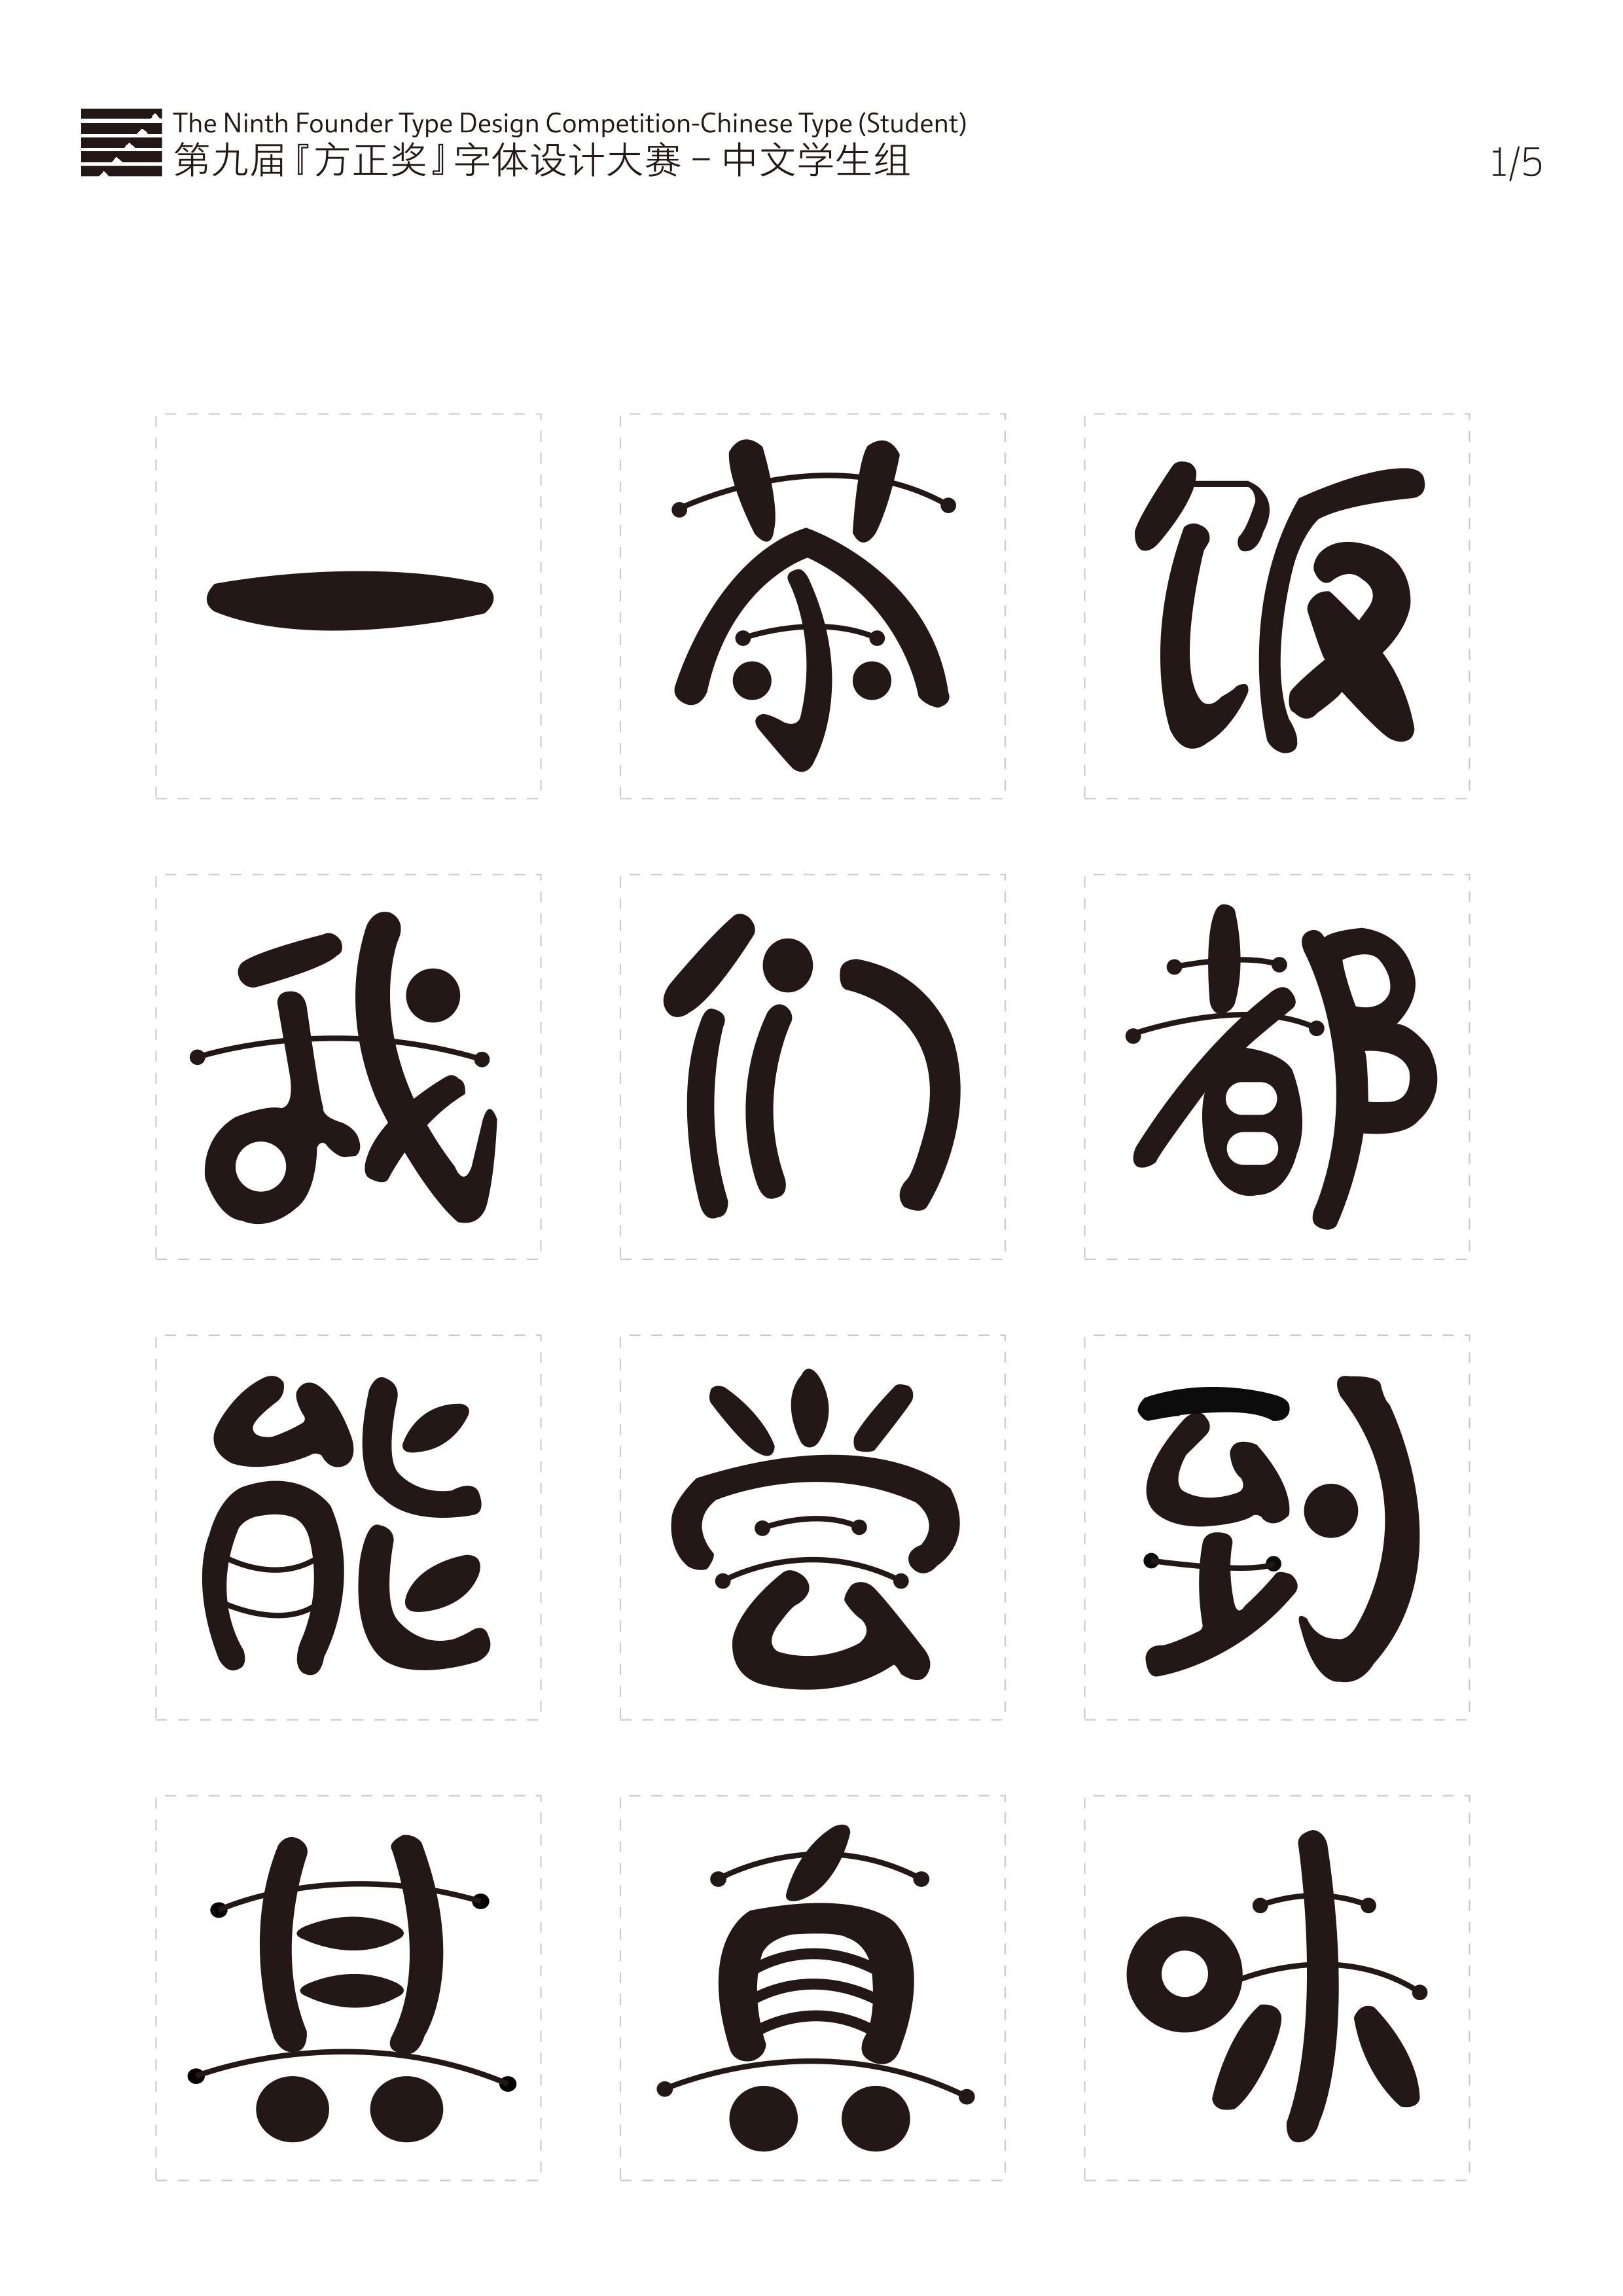 改为圆形,体现出中国人对圆形独特的感情,圆形不仅显得可爱,更让人有